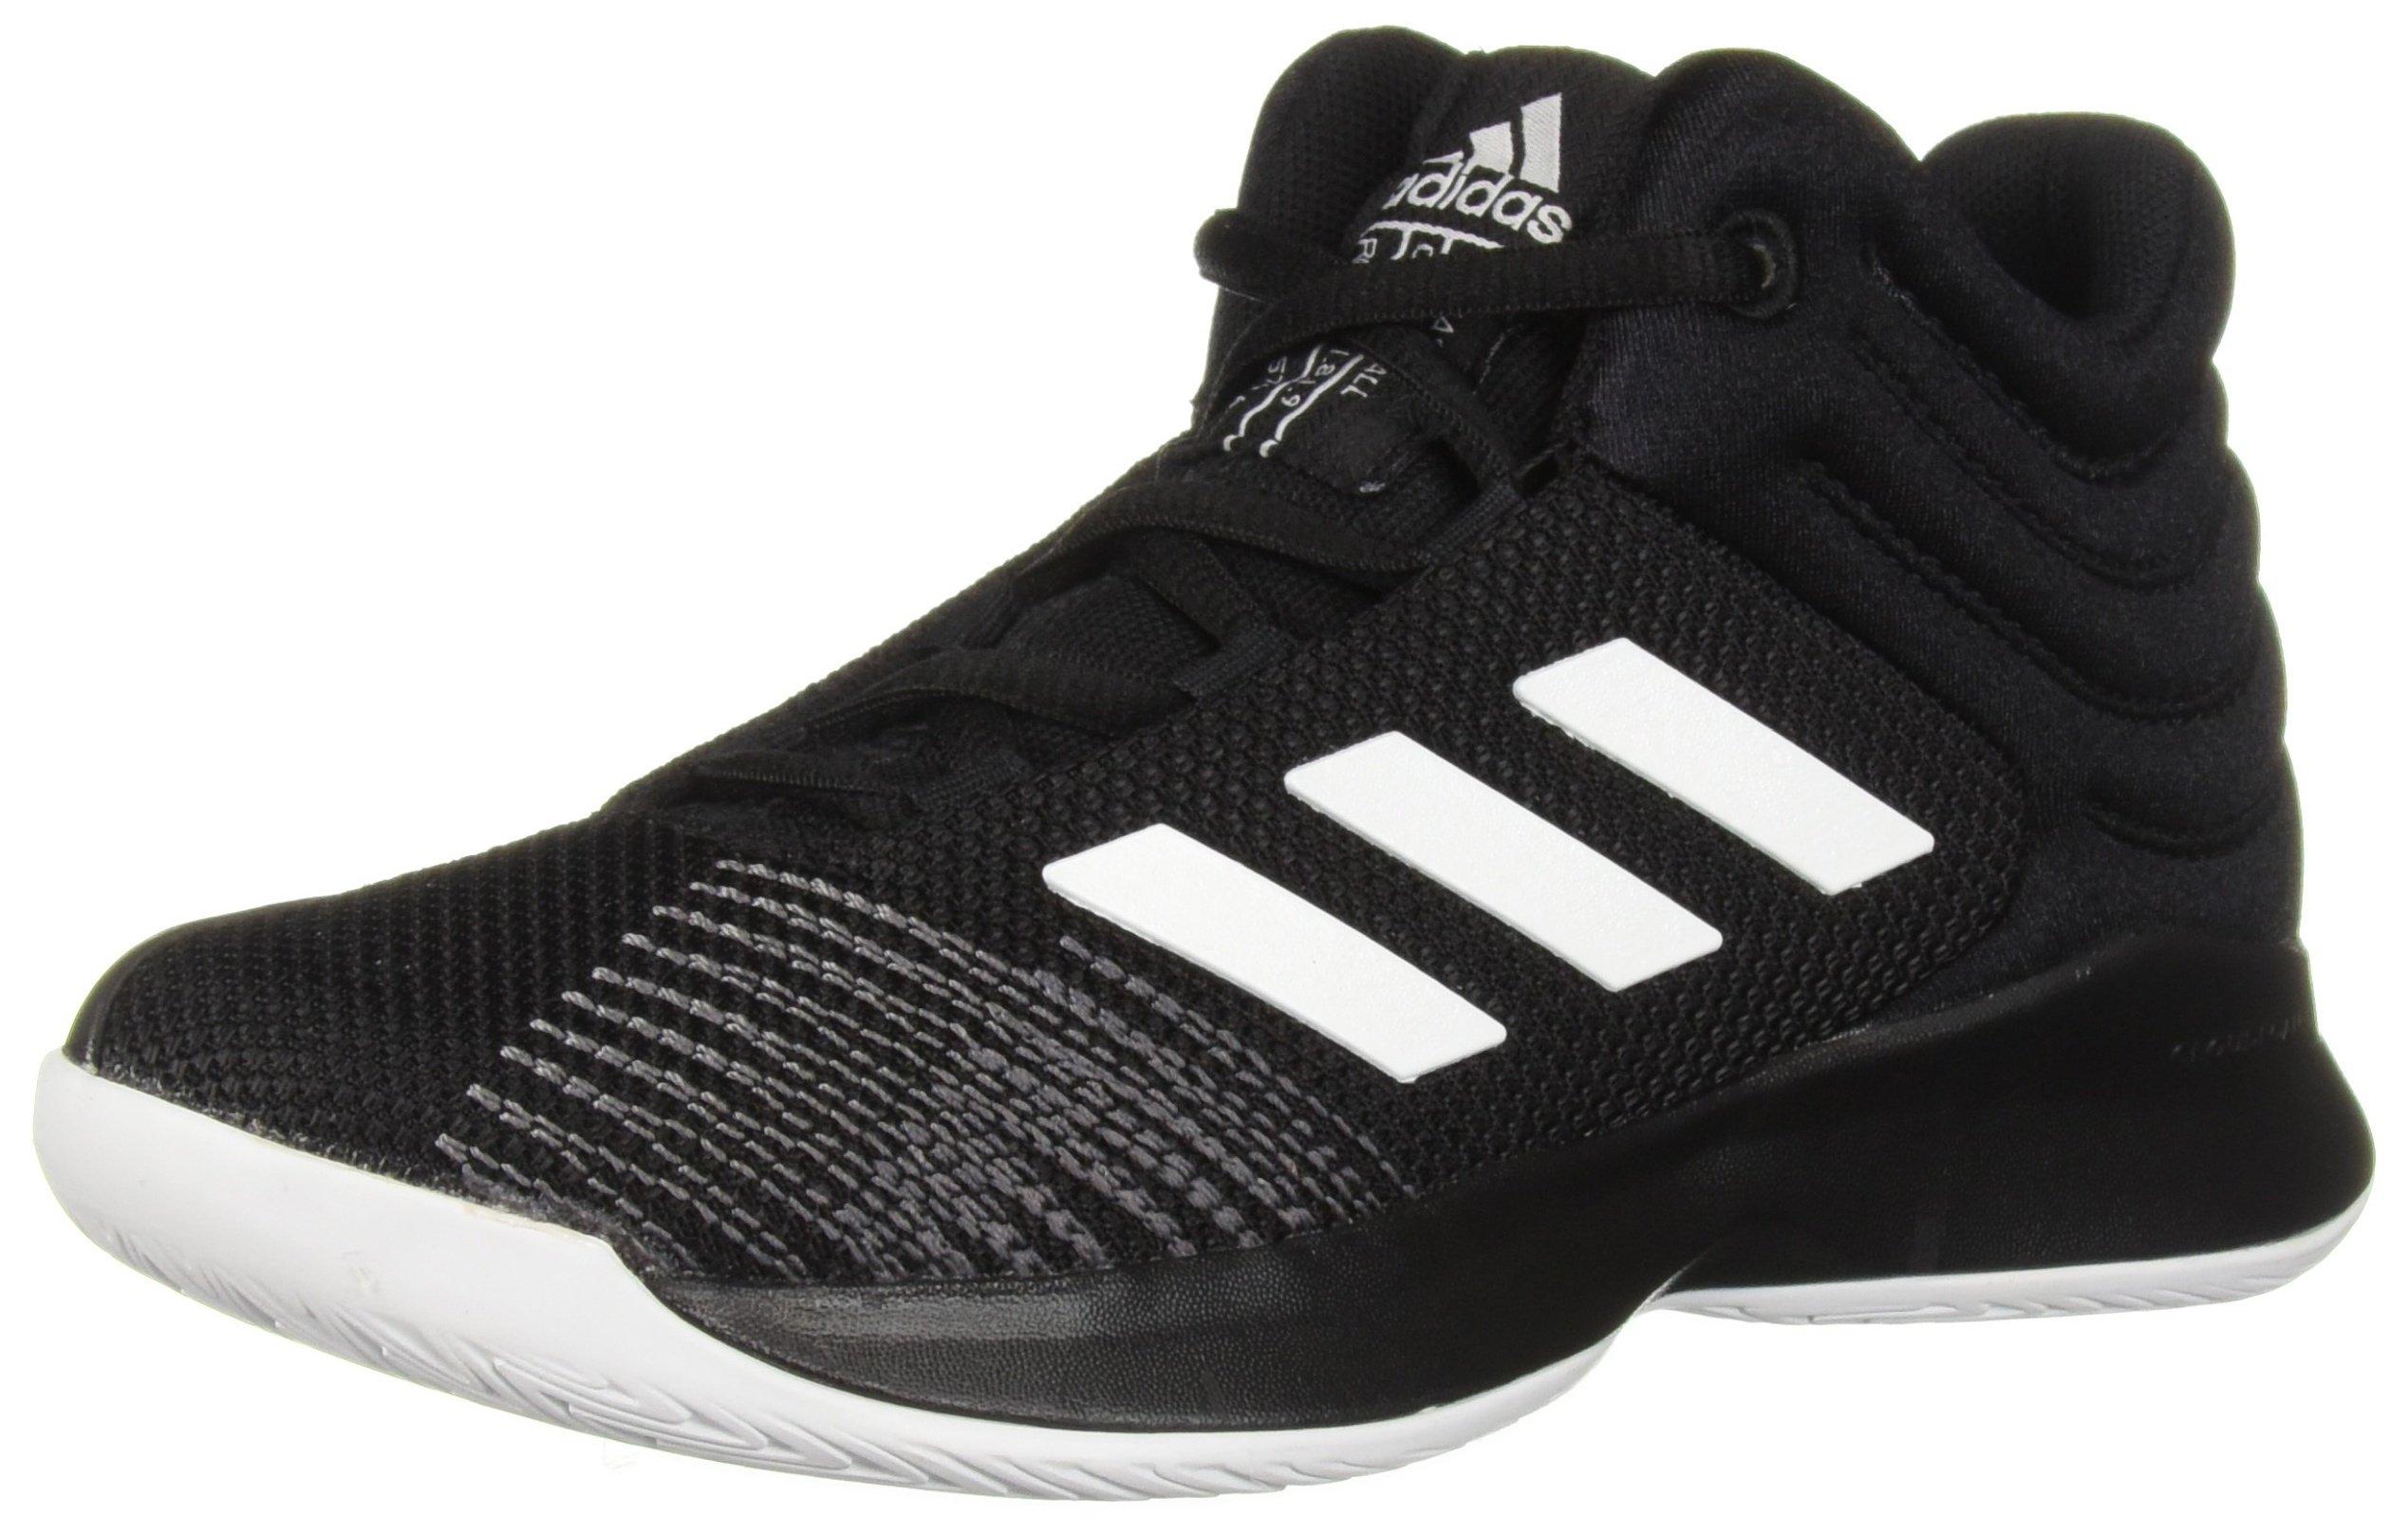 adidas Unisex Pro Spark 2018 Basketball Shoe, Black/White/Grey, 1.5 M US Little Kid